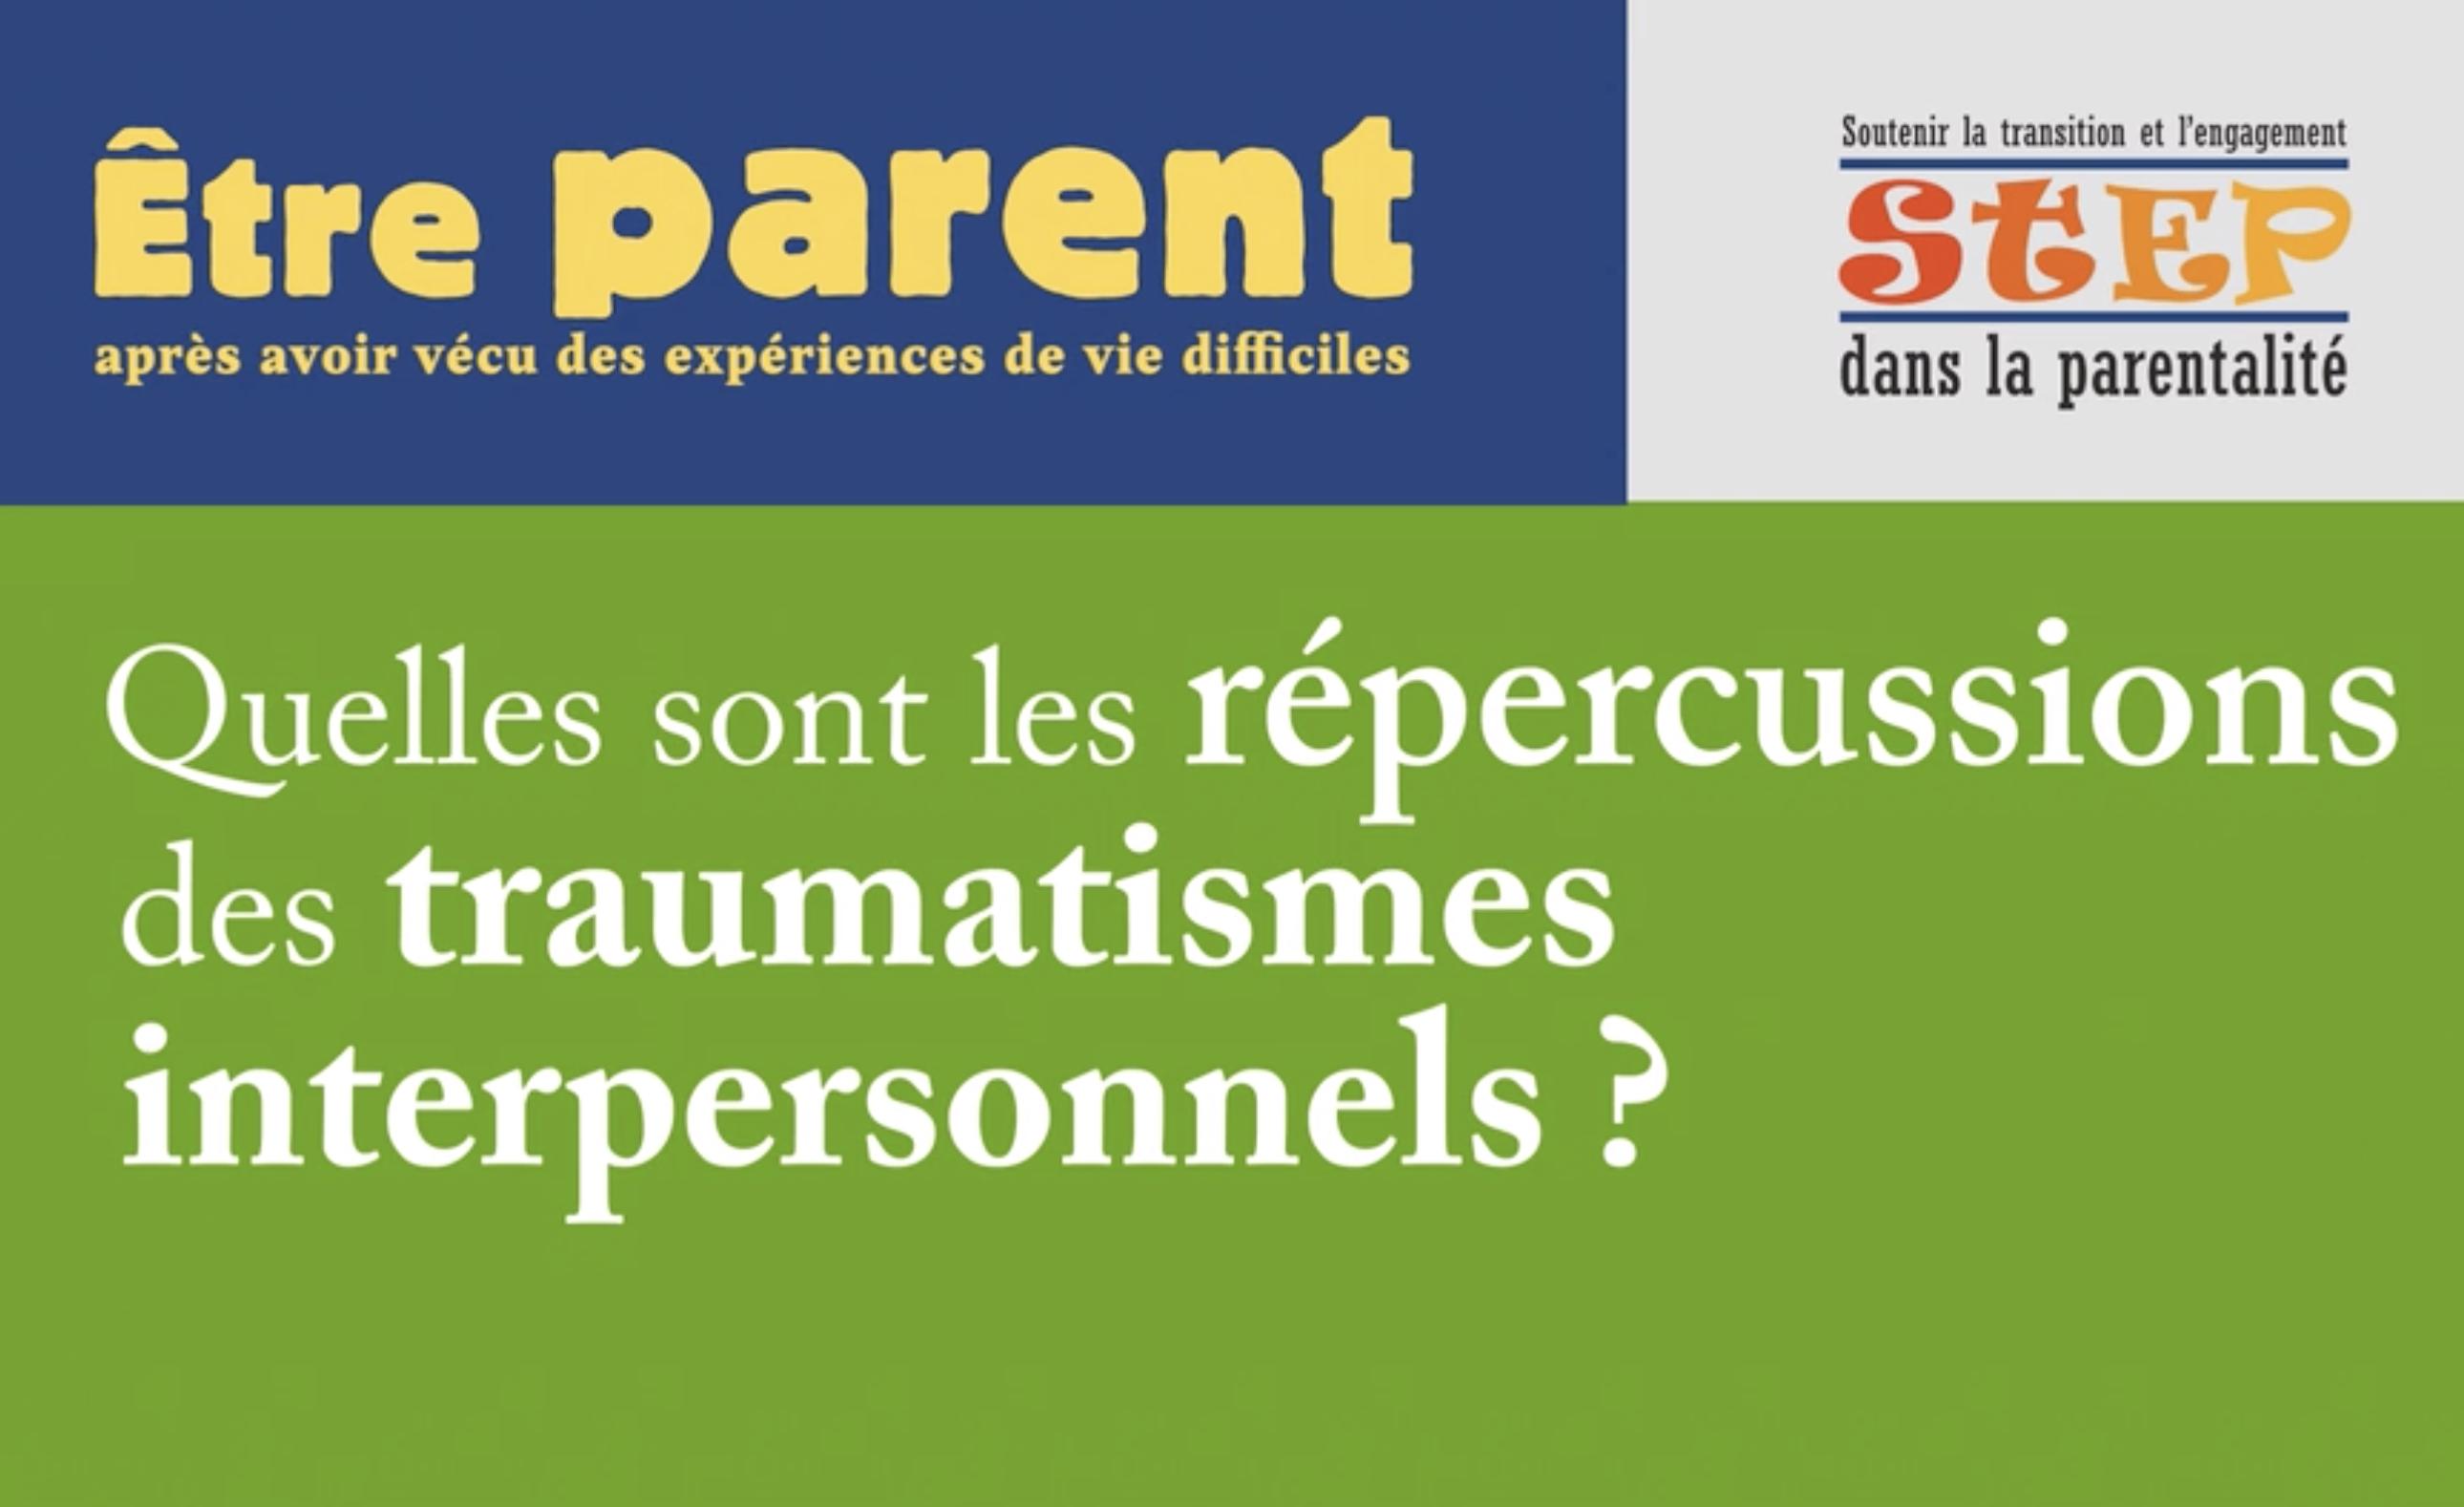 Des capsules vidéos sur les traumatismes interpersonnels